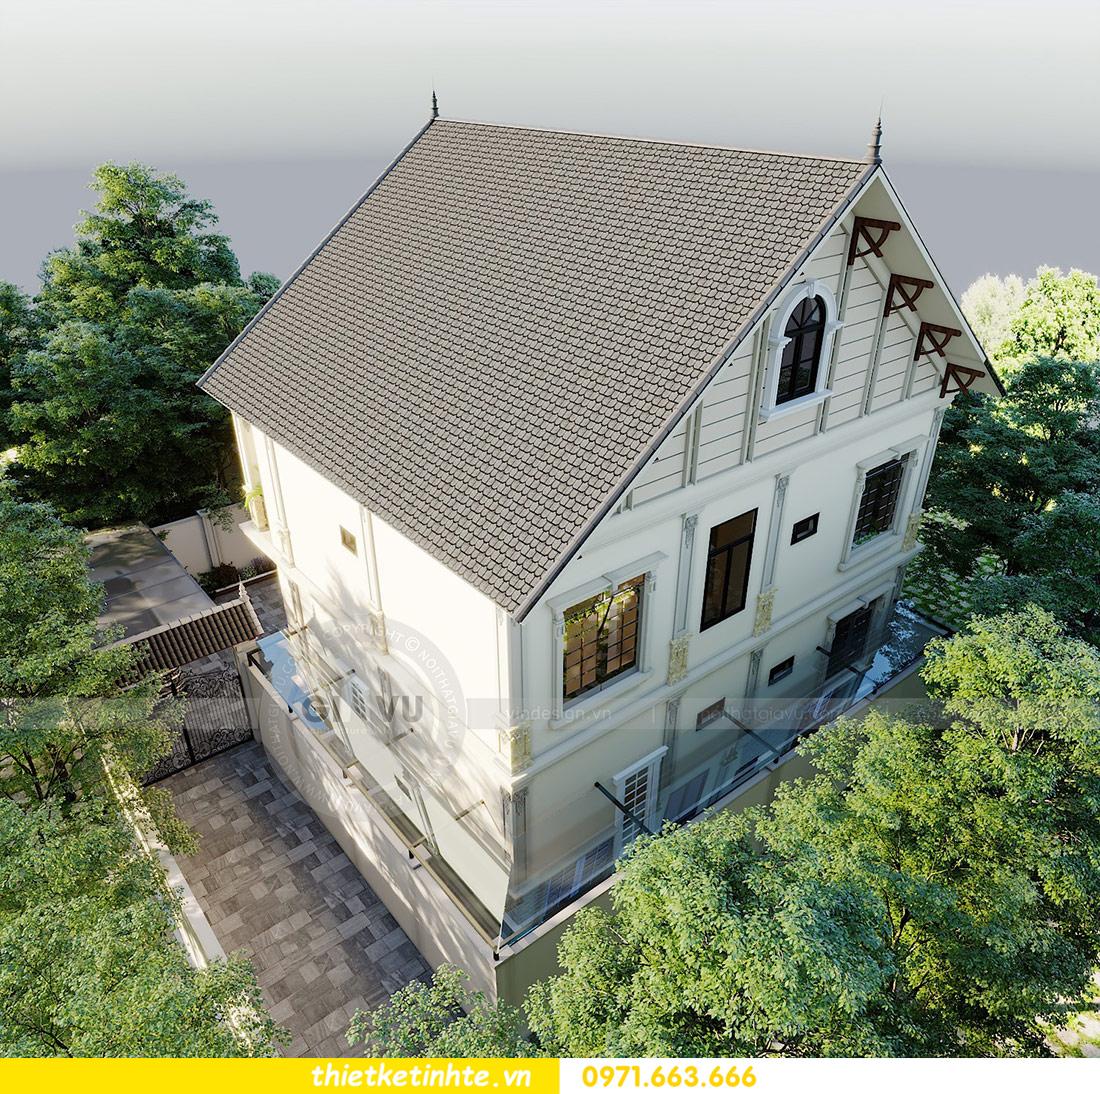 thiết kế kiến trúc biệt thự 3 tầng hiện đại nhà chú Đức 06